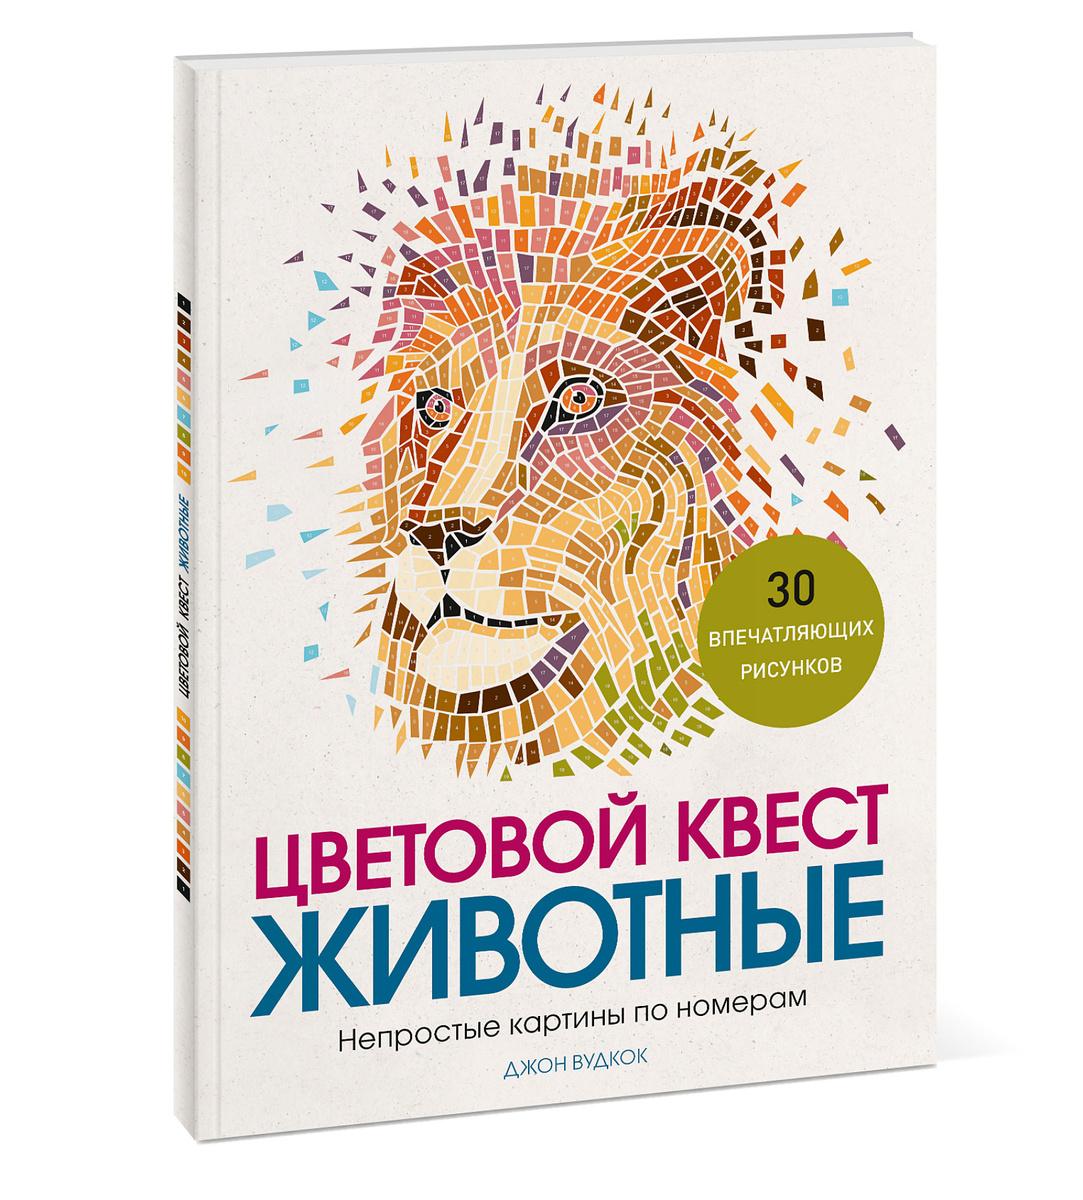 цветовой квест животные непростые картины по номерам купить в интернет магазине Ozon с быстрой доставкой